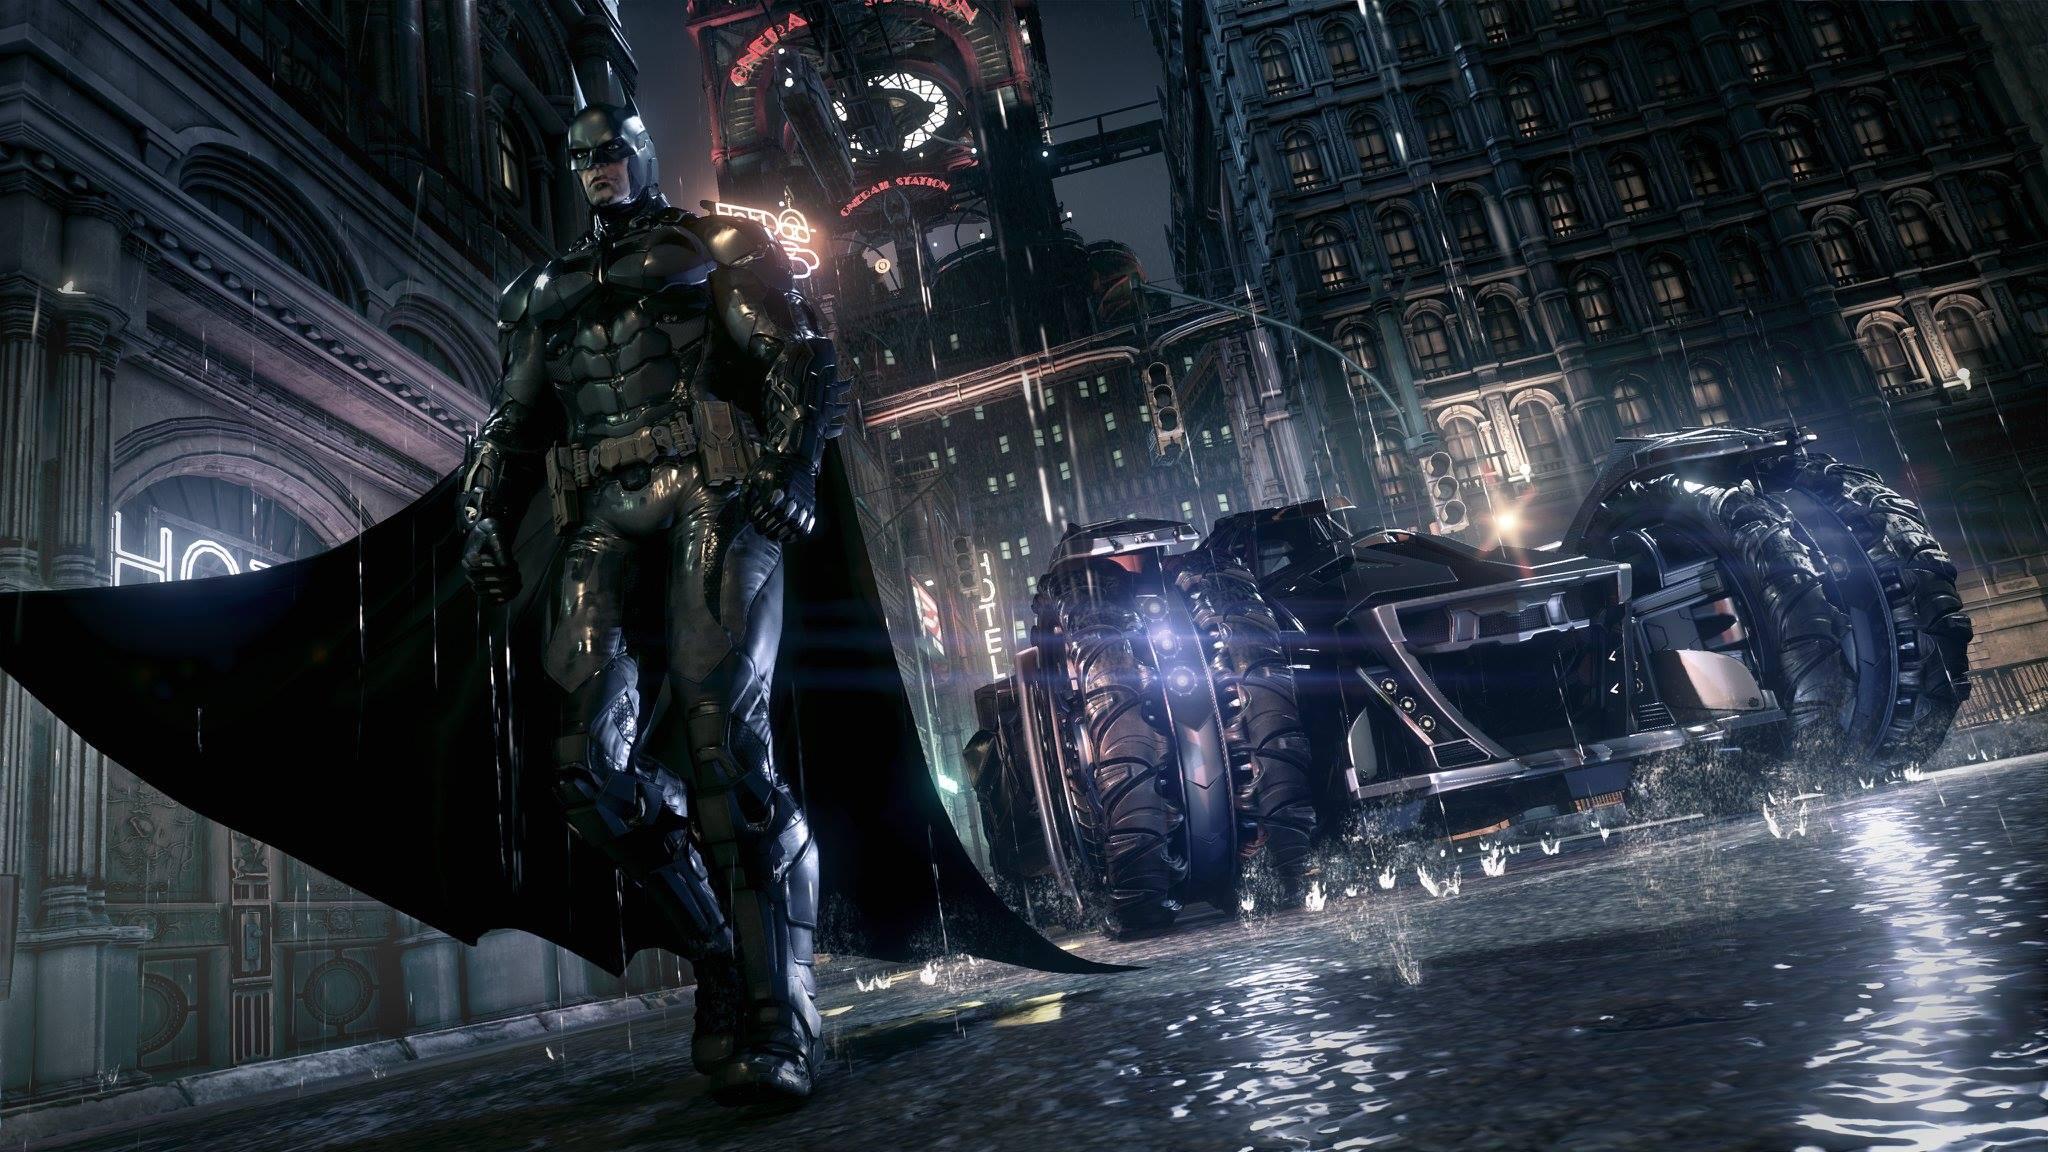 Новые скриншоты Batman: Arkham Knight. - Изображение 3